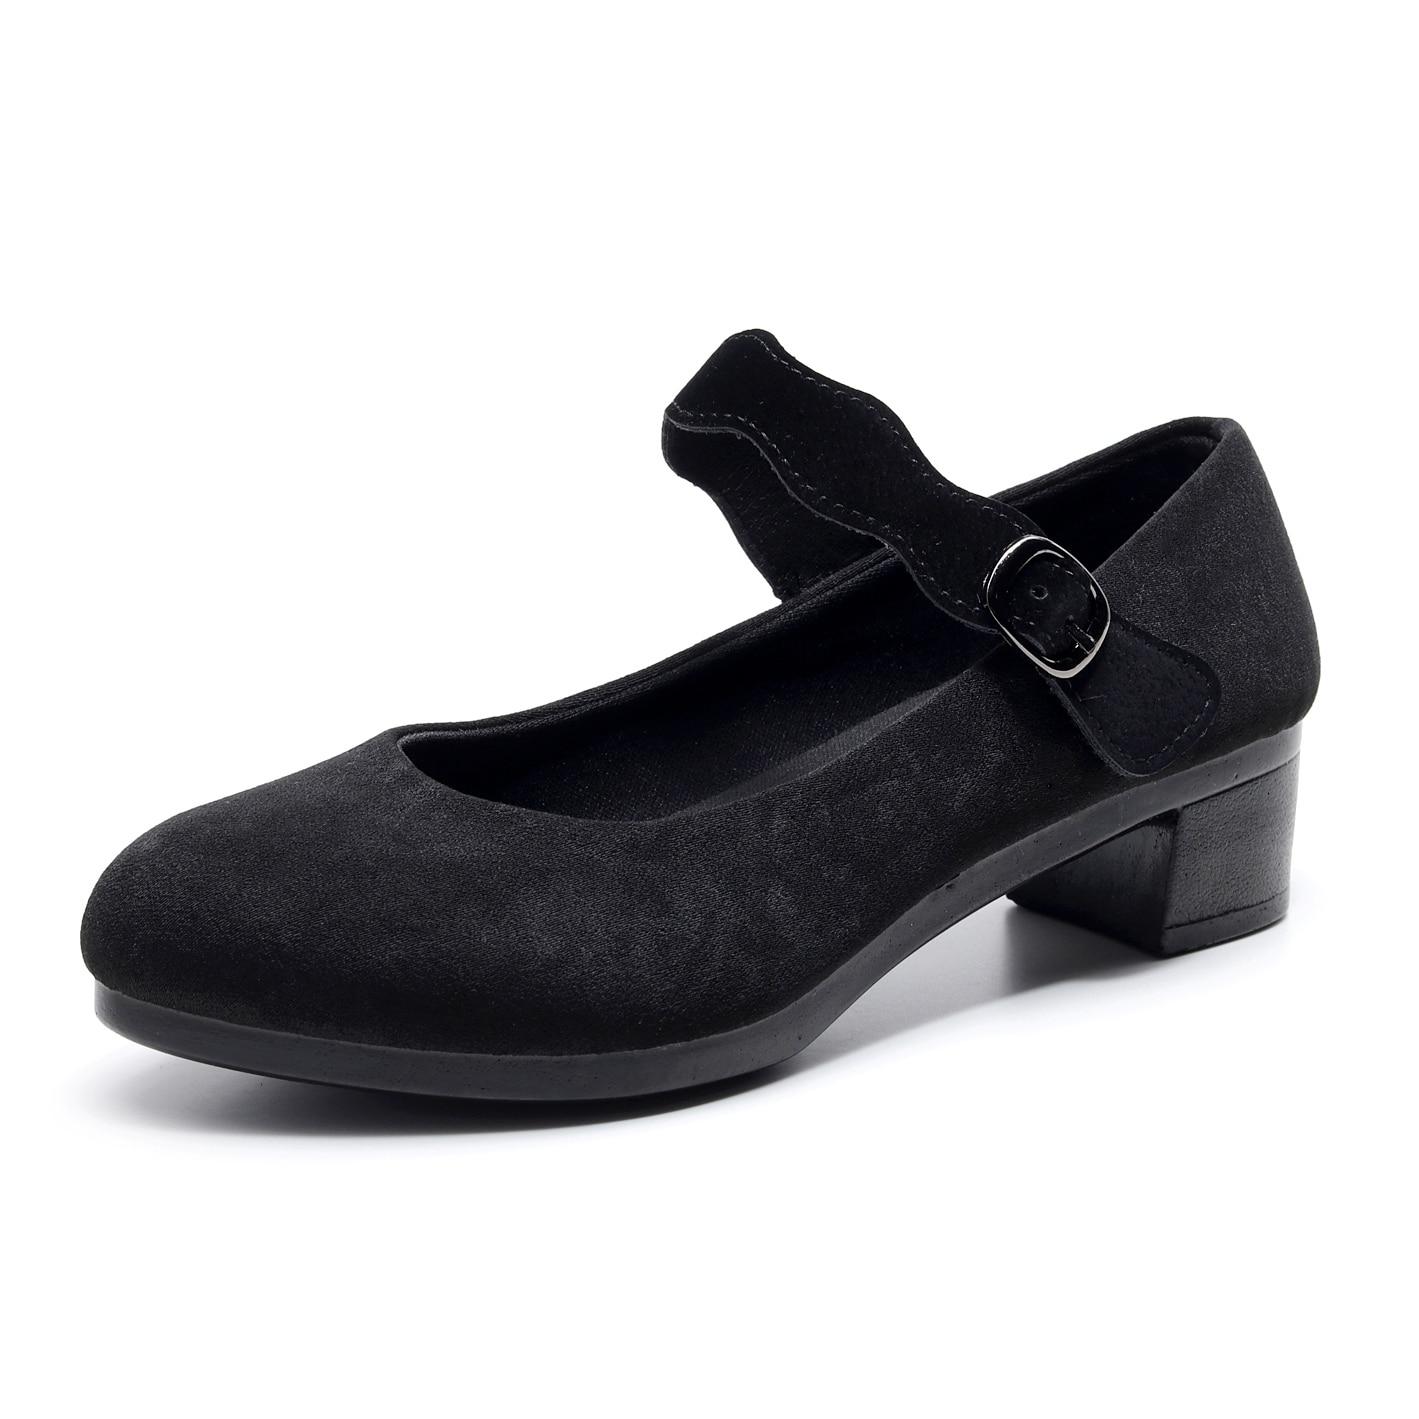 Women's Heels Shoes Women Ballet Heels Shoes Female New Work Office Black Heels Shoes Women Sweet Loafers Fashion Lace Velcro